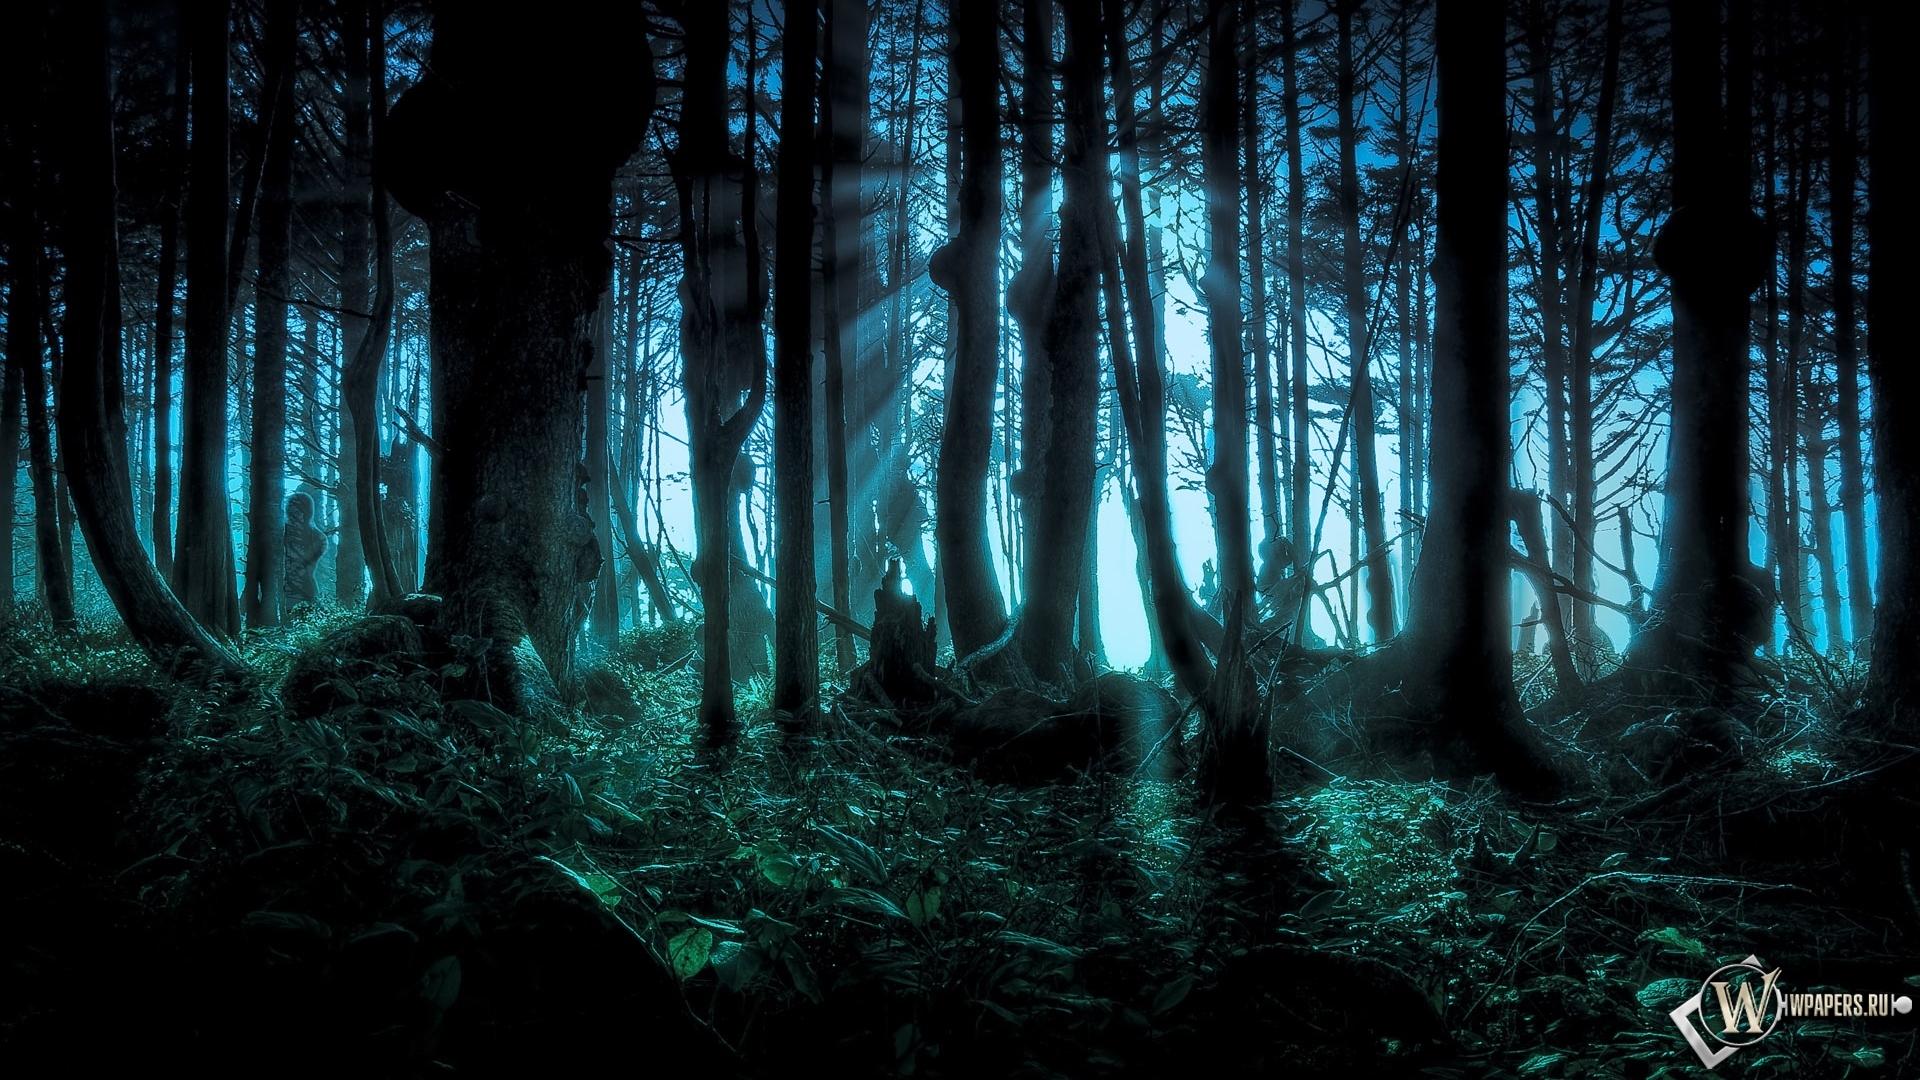 Обои лес на рабочий стол с разрешением